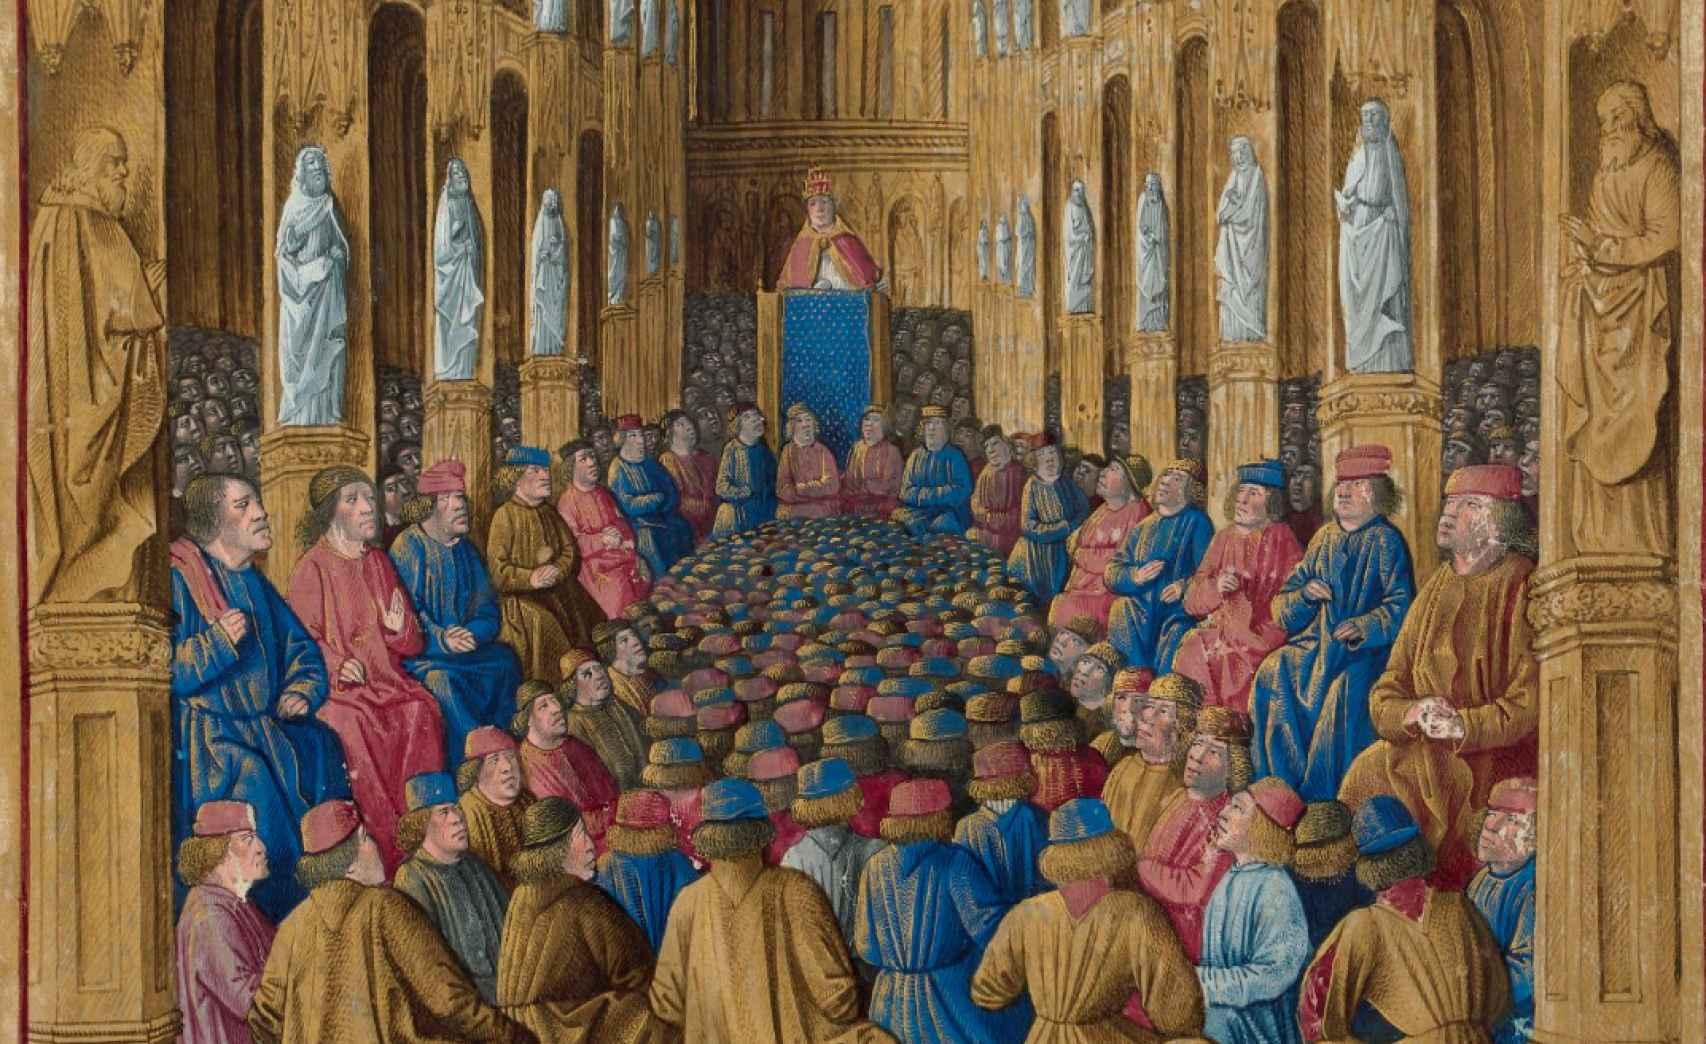 El papa Urbano II en el Concilio de Clermont. Ilustración del 'Livre des Passages d'Outre-mer', de alrededor de 1490.